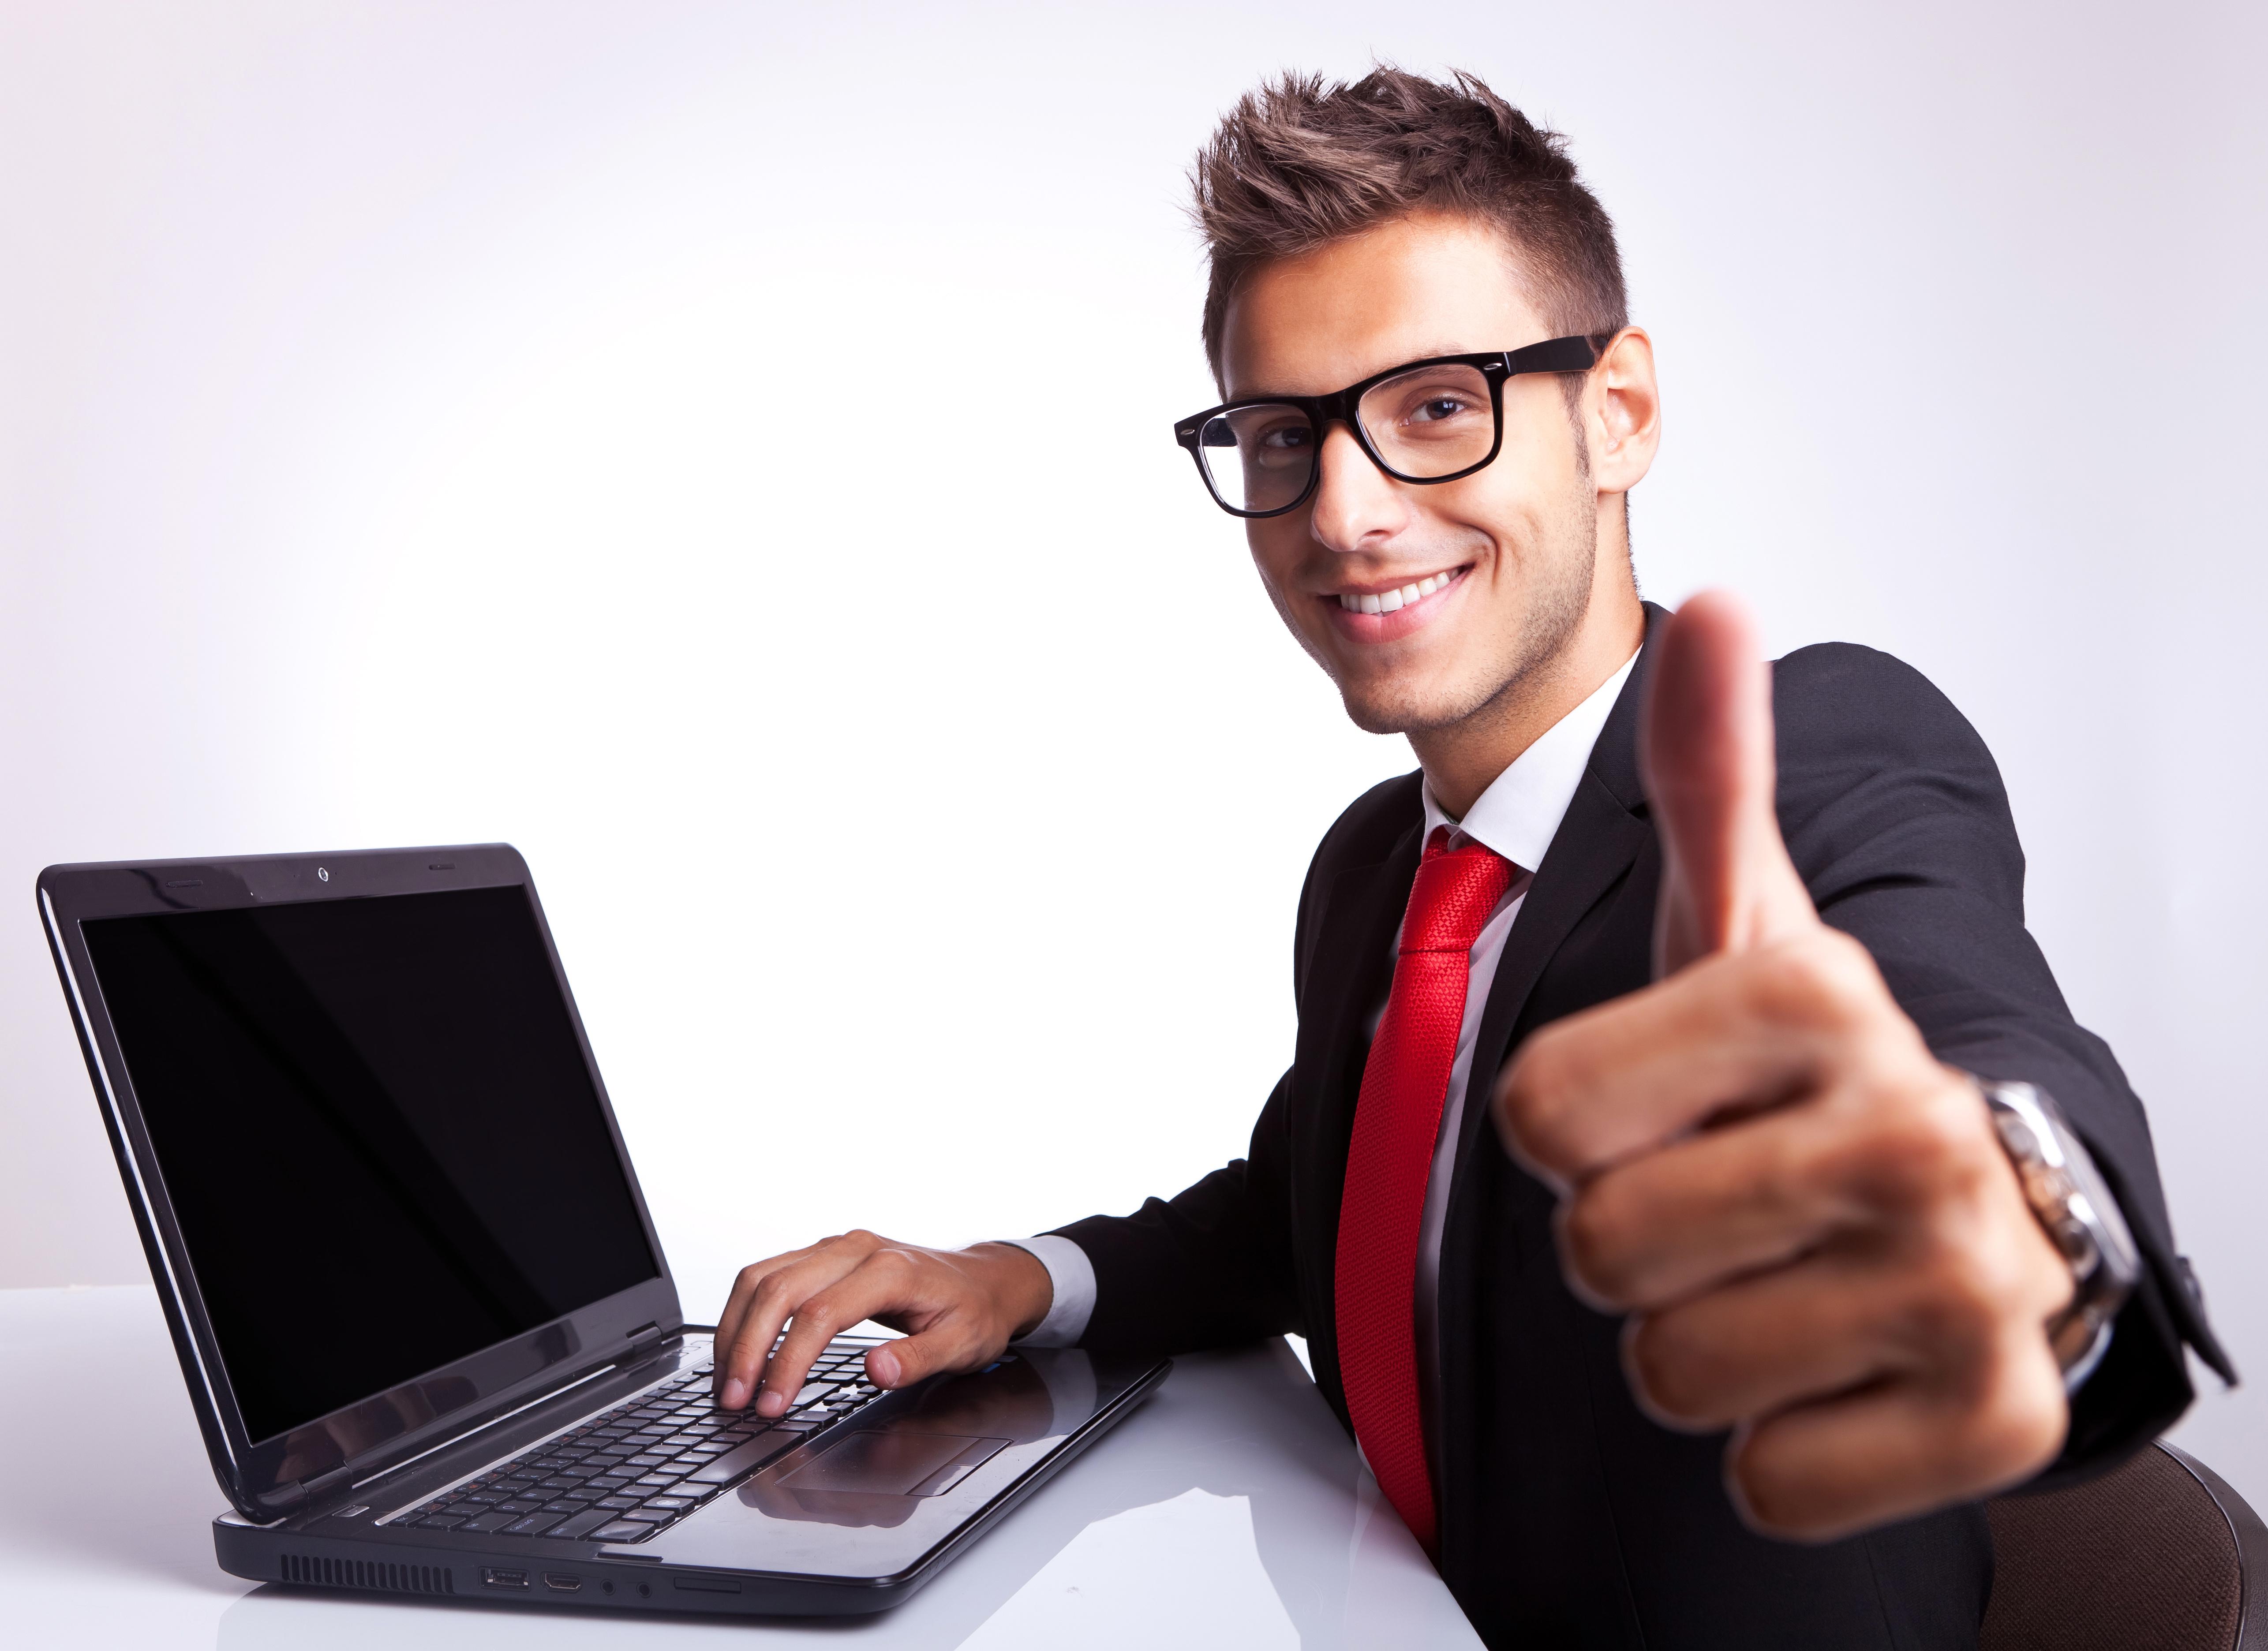 Sprawdź 3 rzeczy, o których nie wiesz, a które mogą wpłynąć na Twoją codzienną pracę! PROJEKT ERGONOMIA sp. z o.o. sp. k